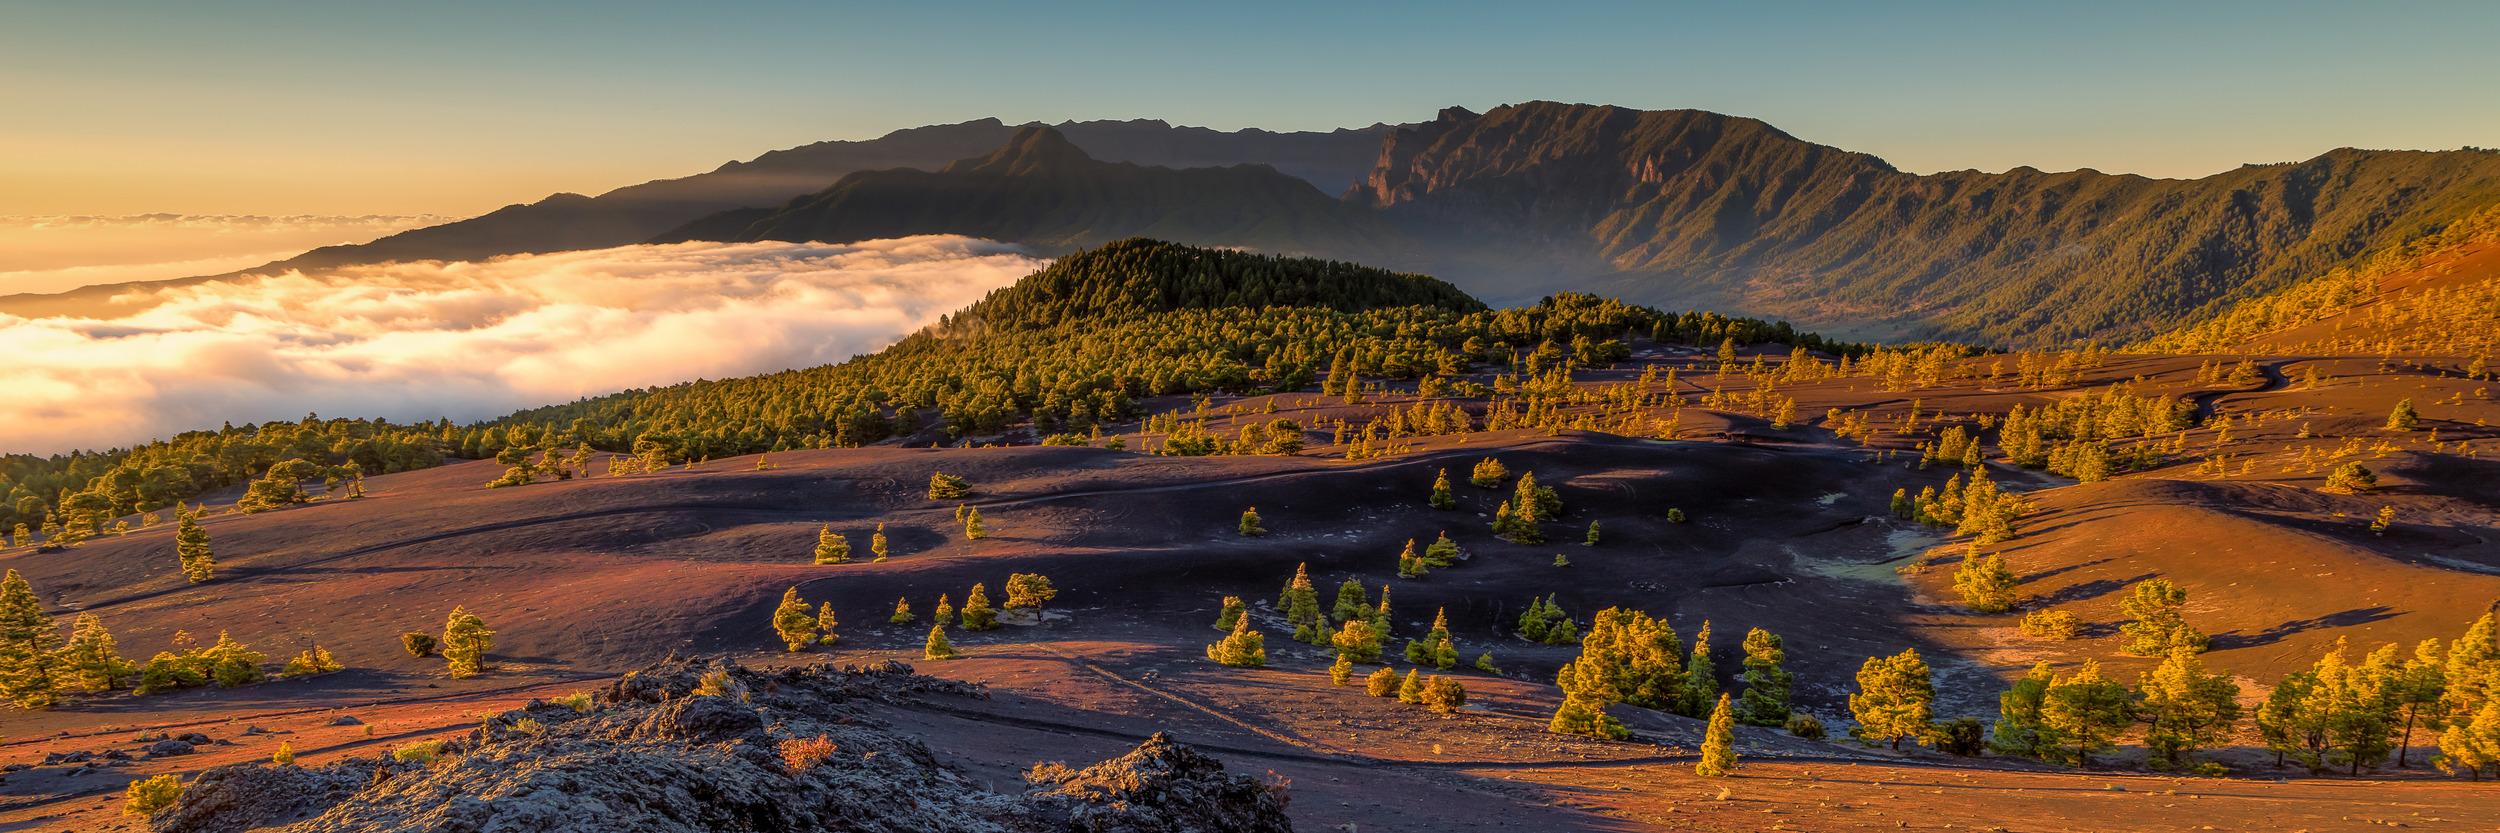 LLANOS DEL JABLE SUNSET - Schöne Landschaft Bilder kaufen | Stimmungs Foto als Fineart by Stefan Somogyi Fotografie